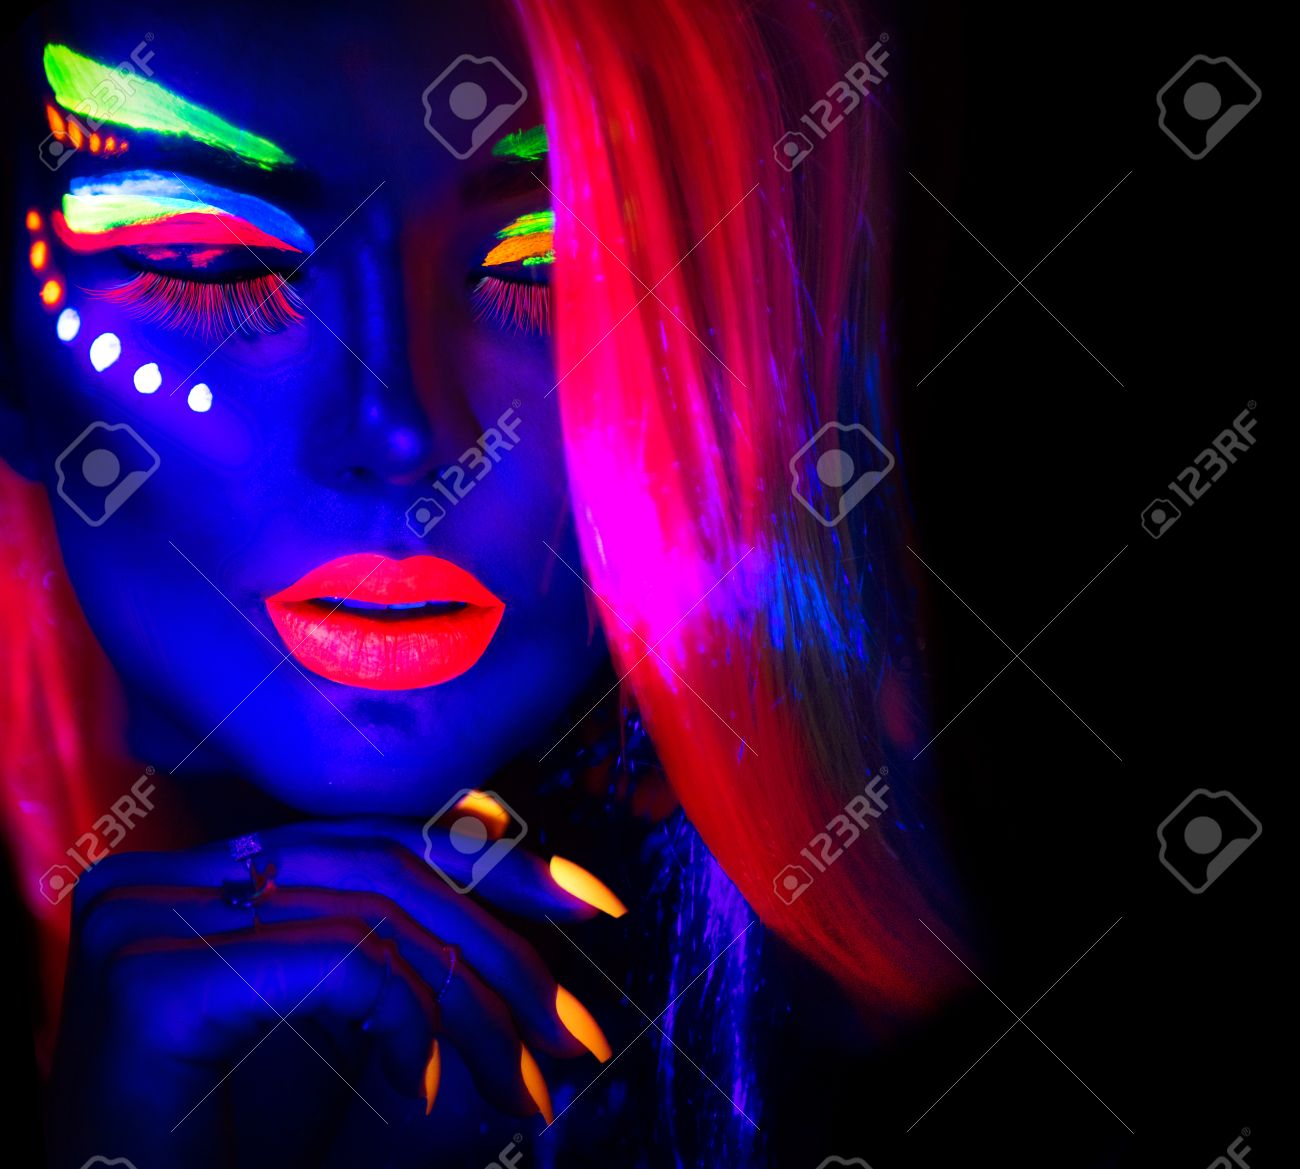 Foto de archivo , Mujer modelo de moda en luz de neón, de la bella joven modelo con maquillaje fluorescente